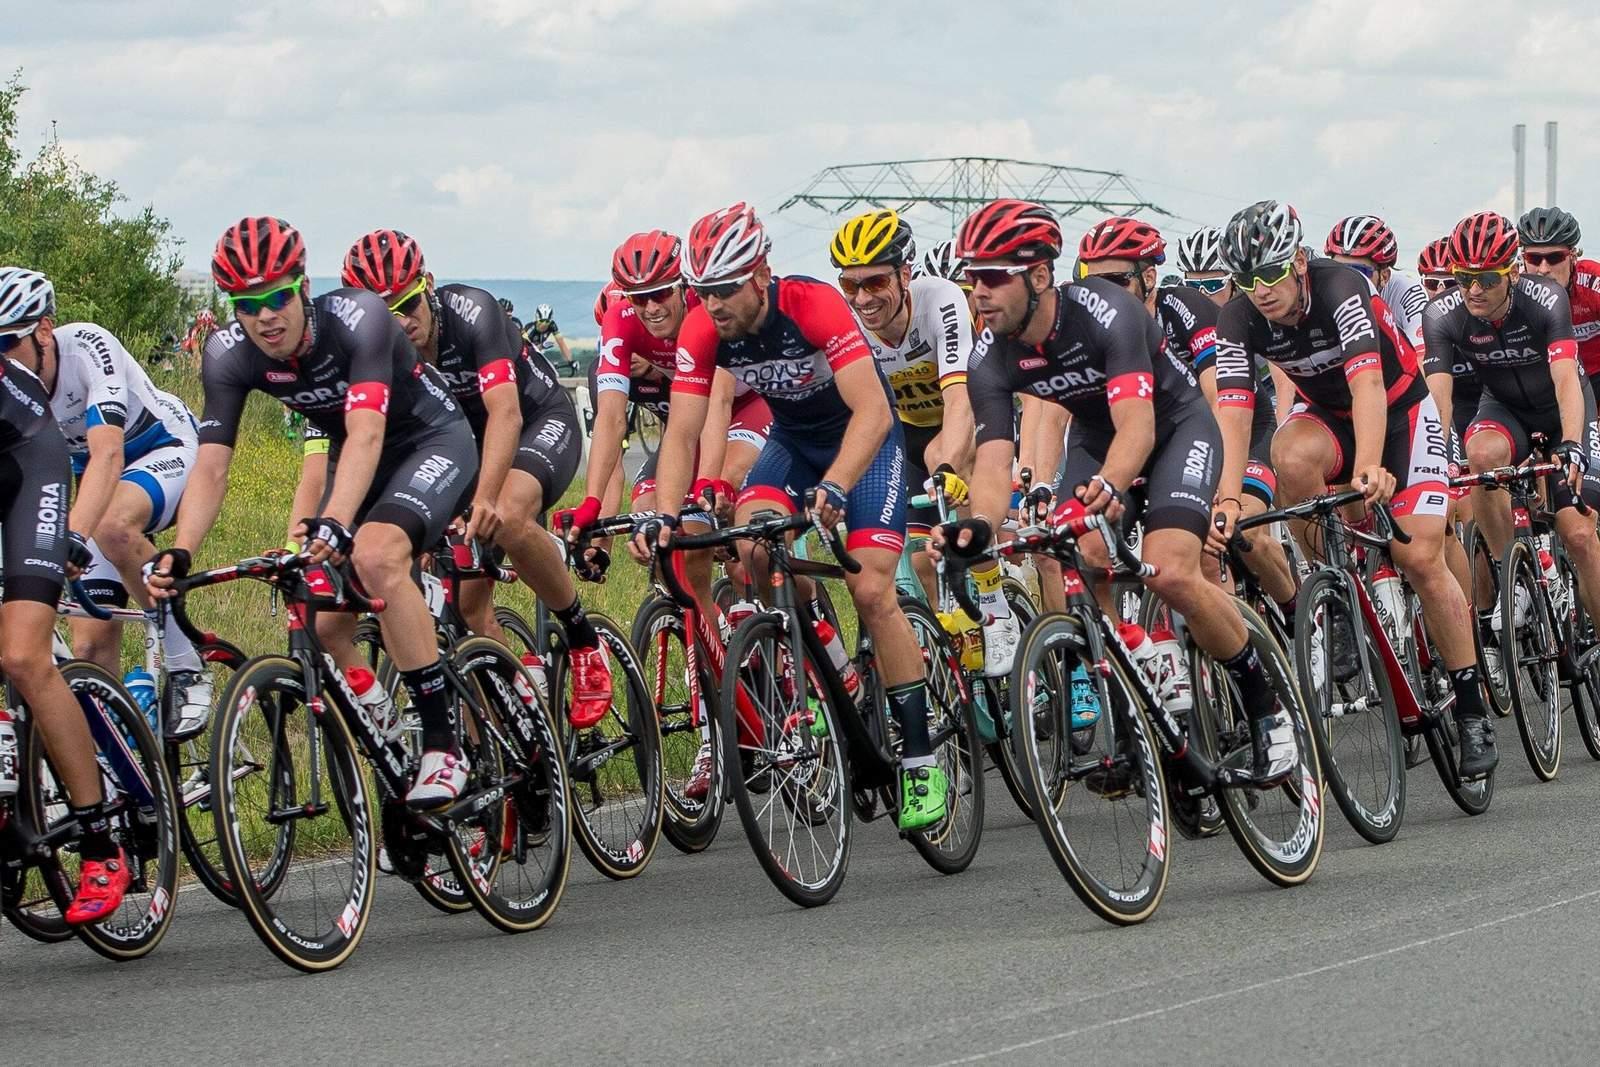 Tour de France Hauptfeld Fahrer